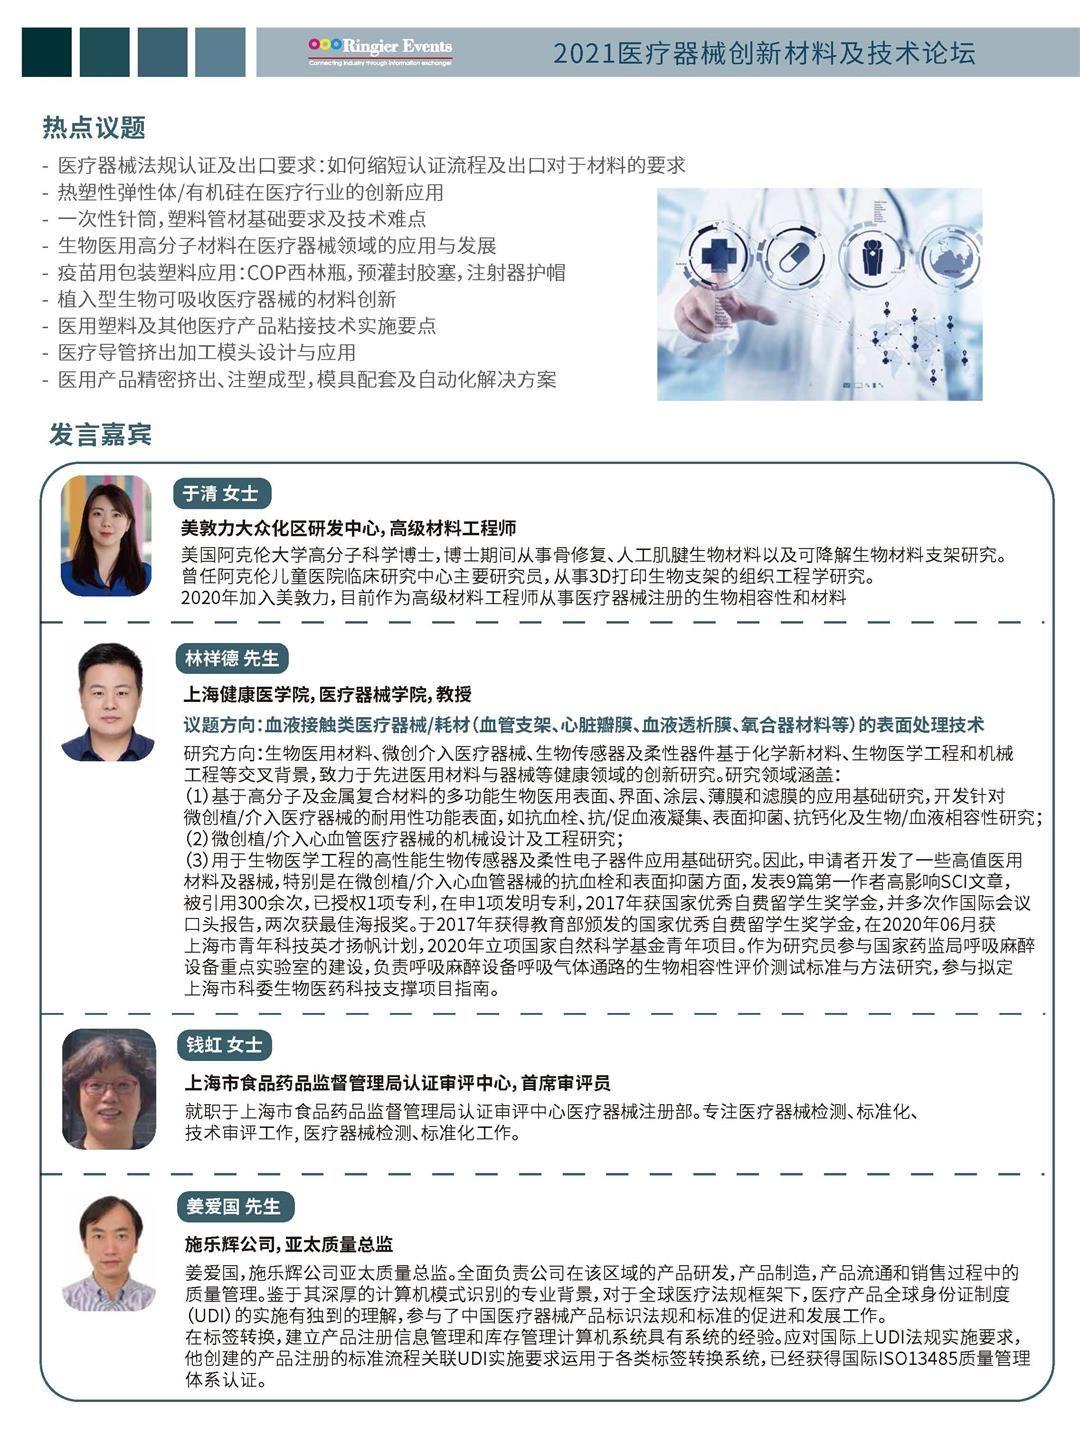 2021塑料大会_页面_10.jpg